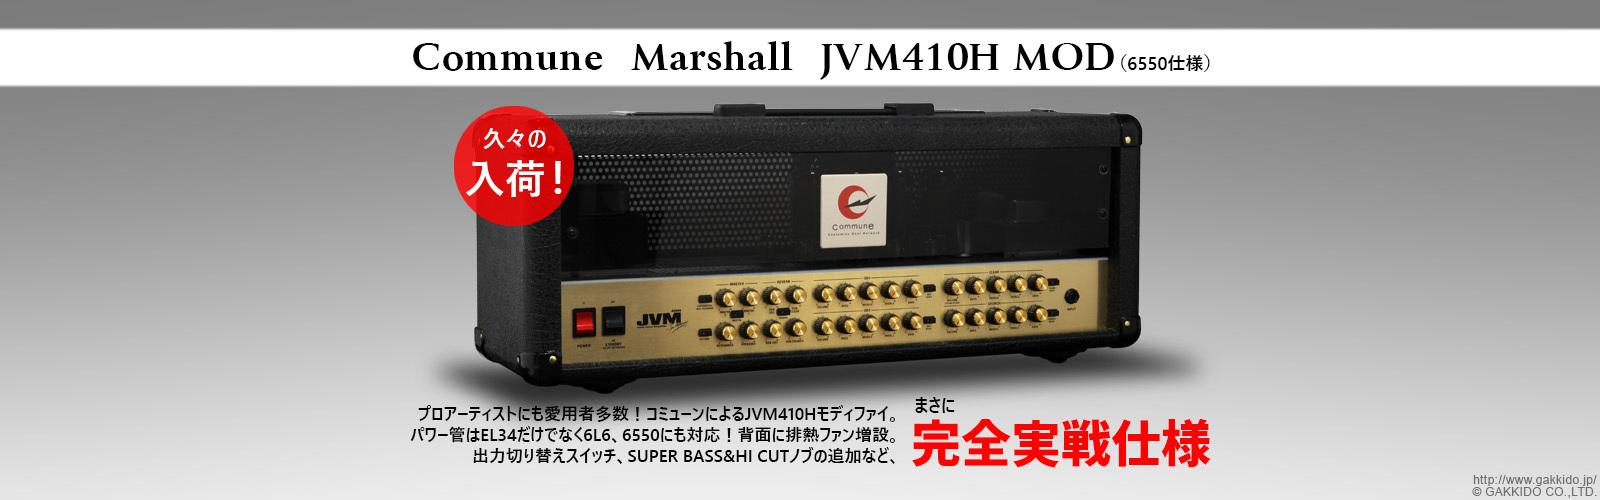 Commune Marshall JVM410H MOD 6550仕様 ギターアンプ ヘッド